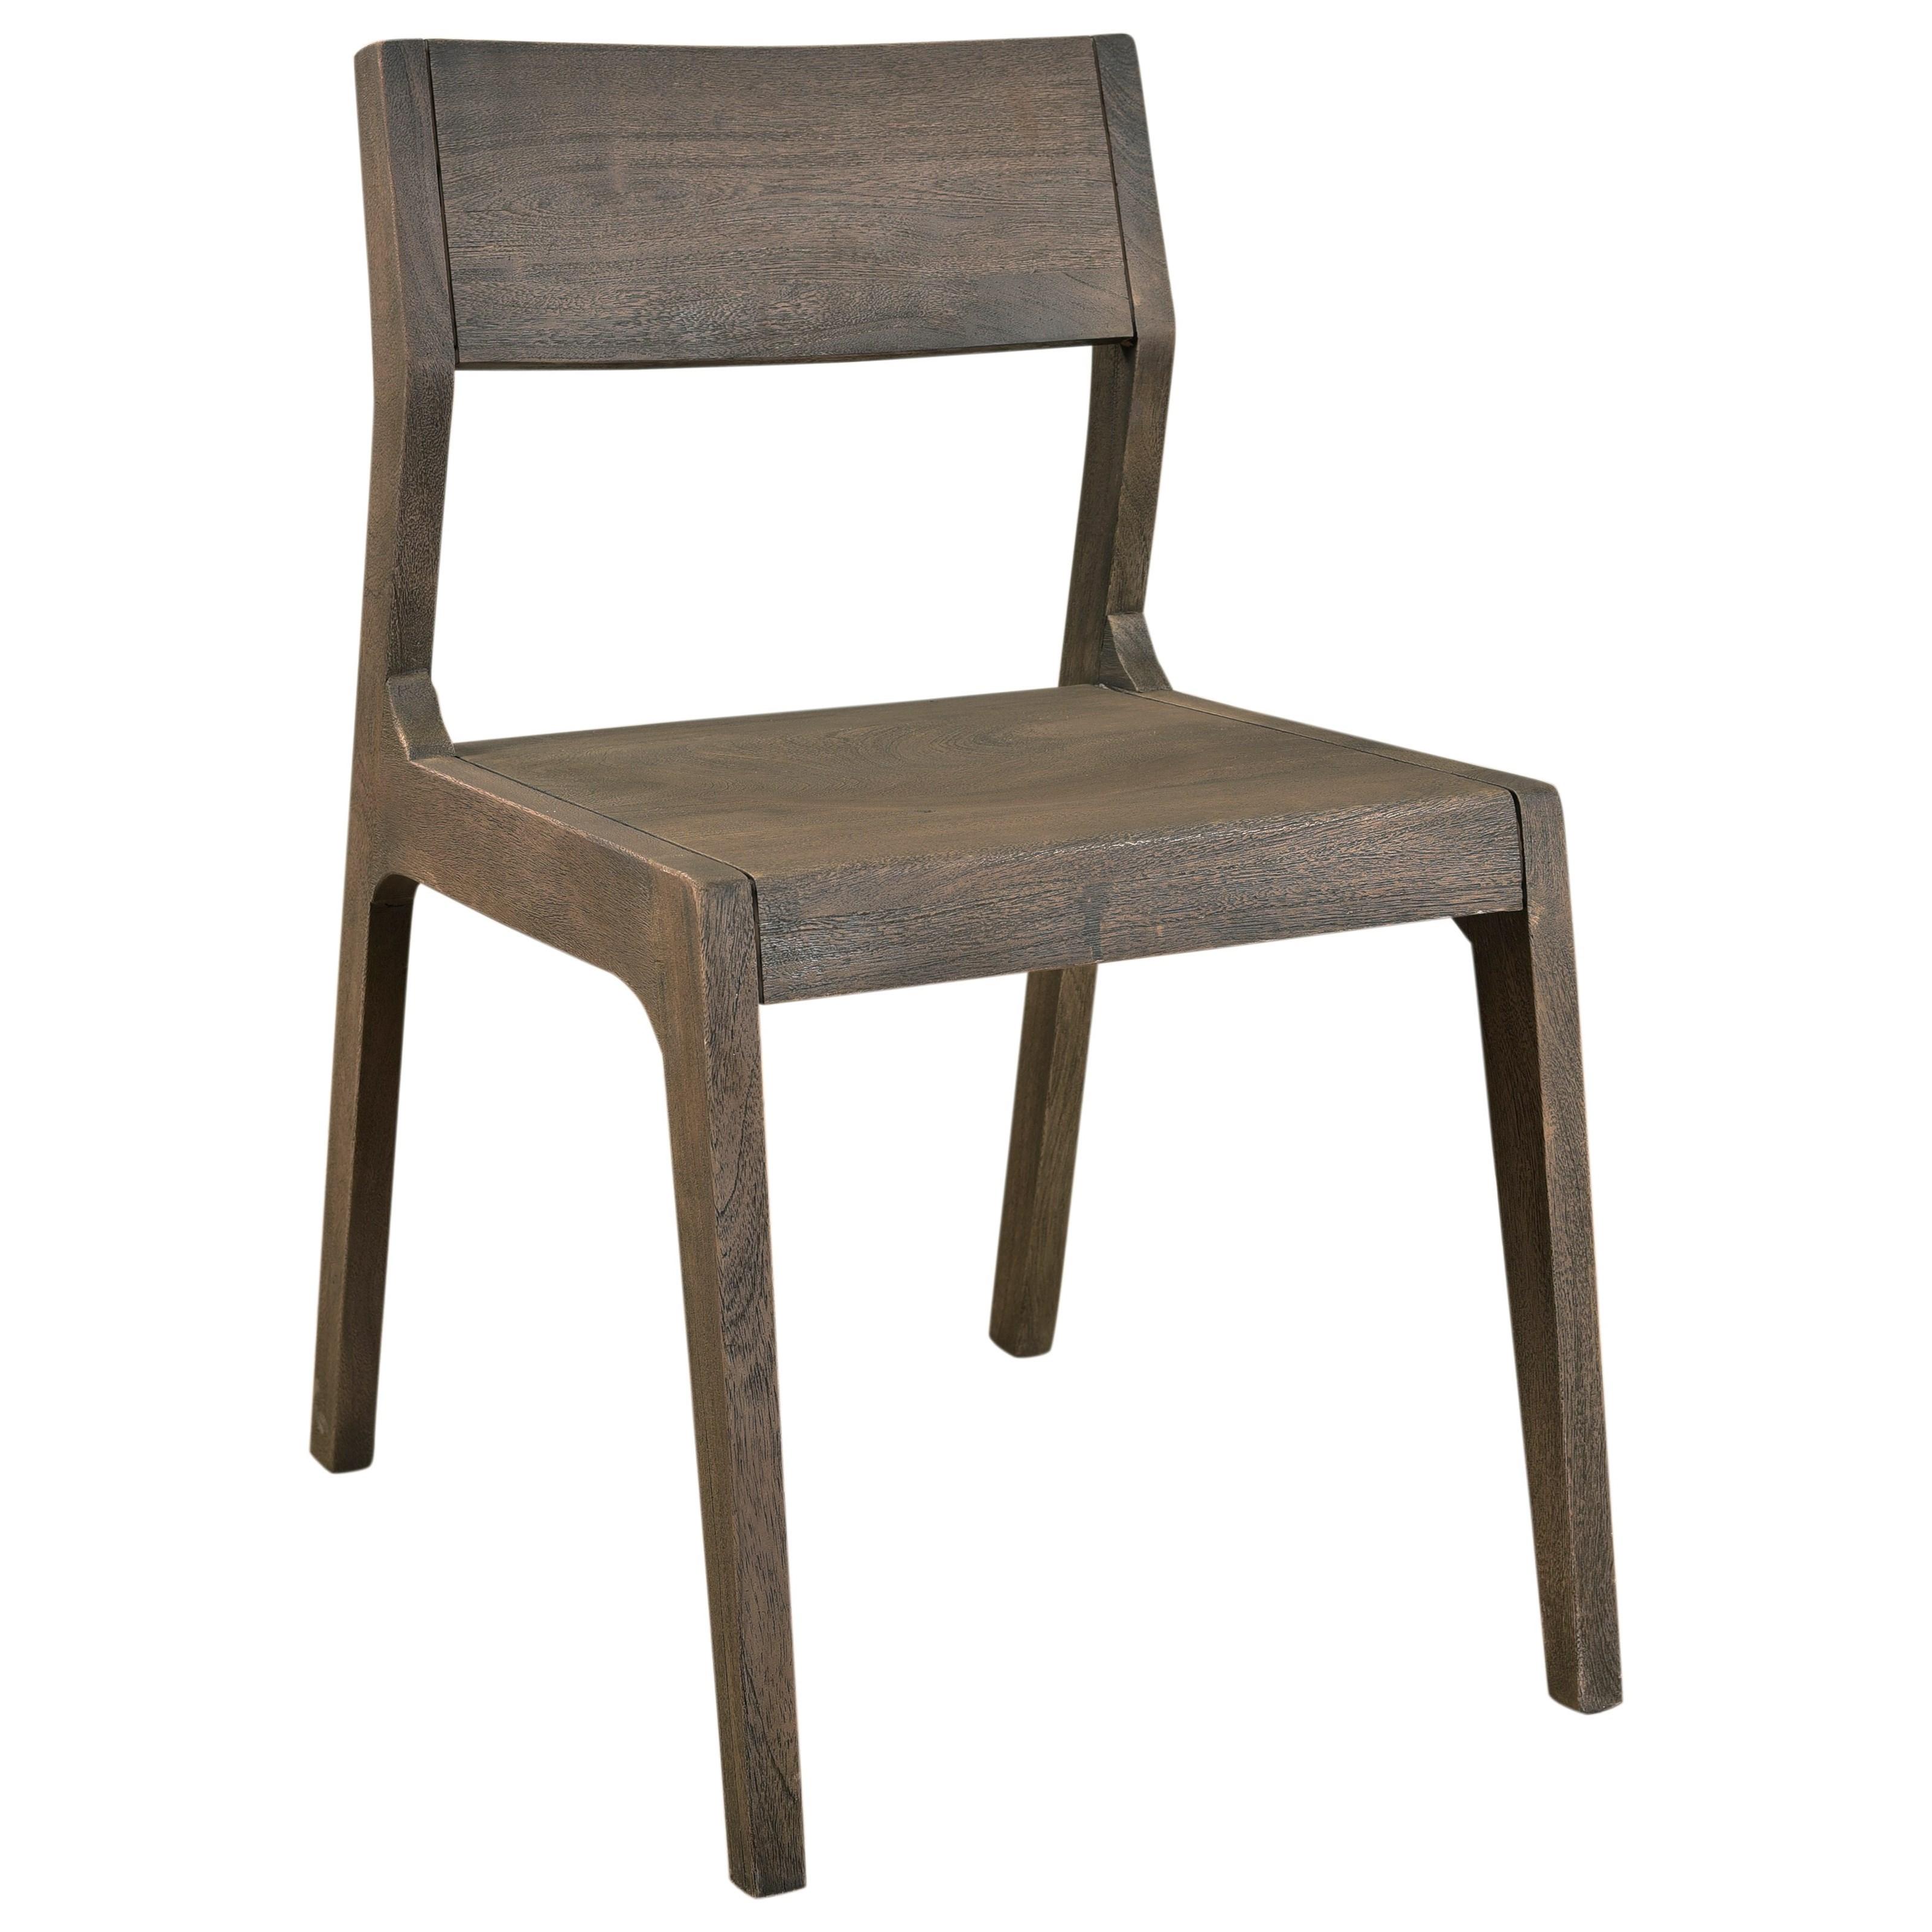 Tundra Wood Dining Chair  by Coast to Coast Imports at Johnny Janosik